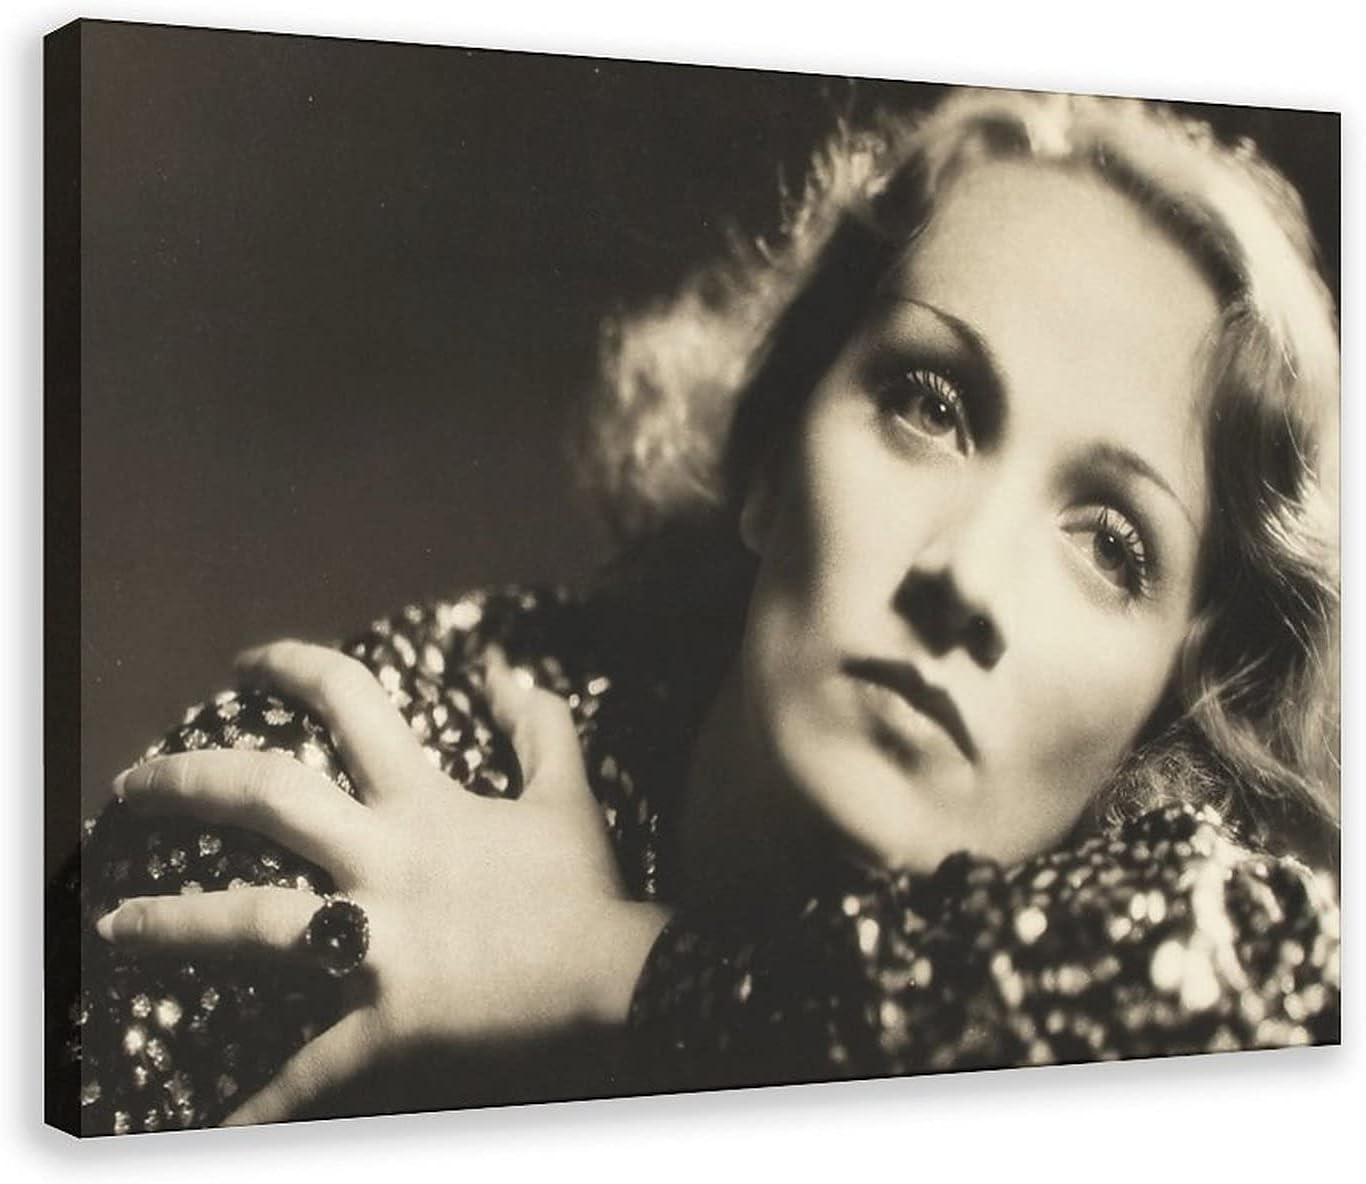 Póster de lona de Actor Marlene Dietrich 27 para decoración de dormitorio, deportes, paisaje, oficina, habitación, marco de regalo, 60 x 90 cm